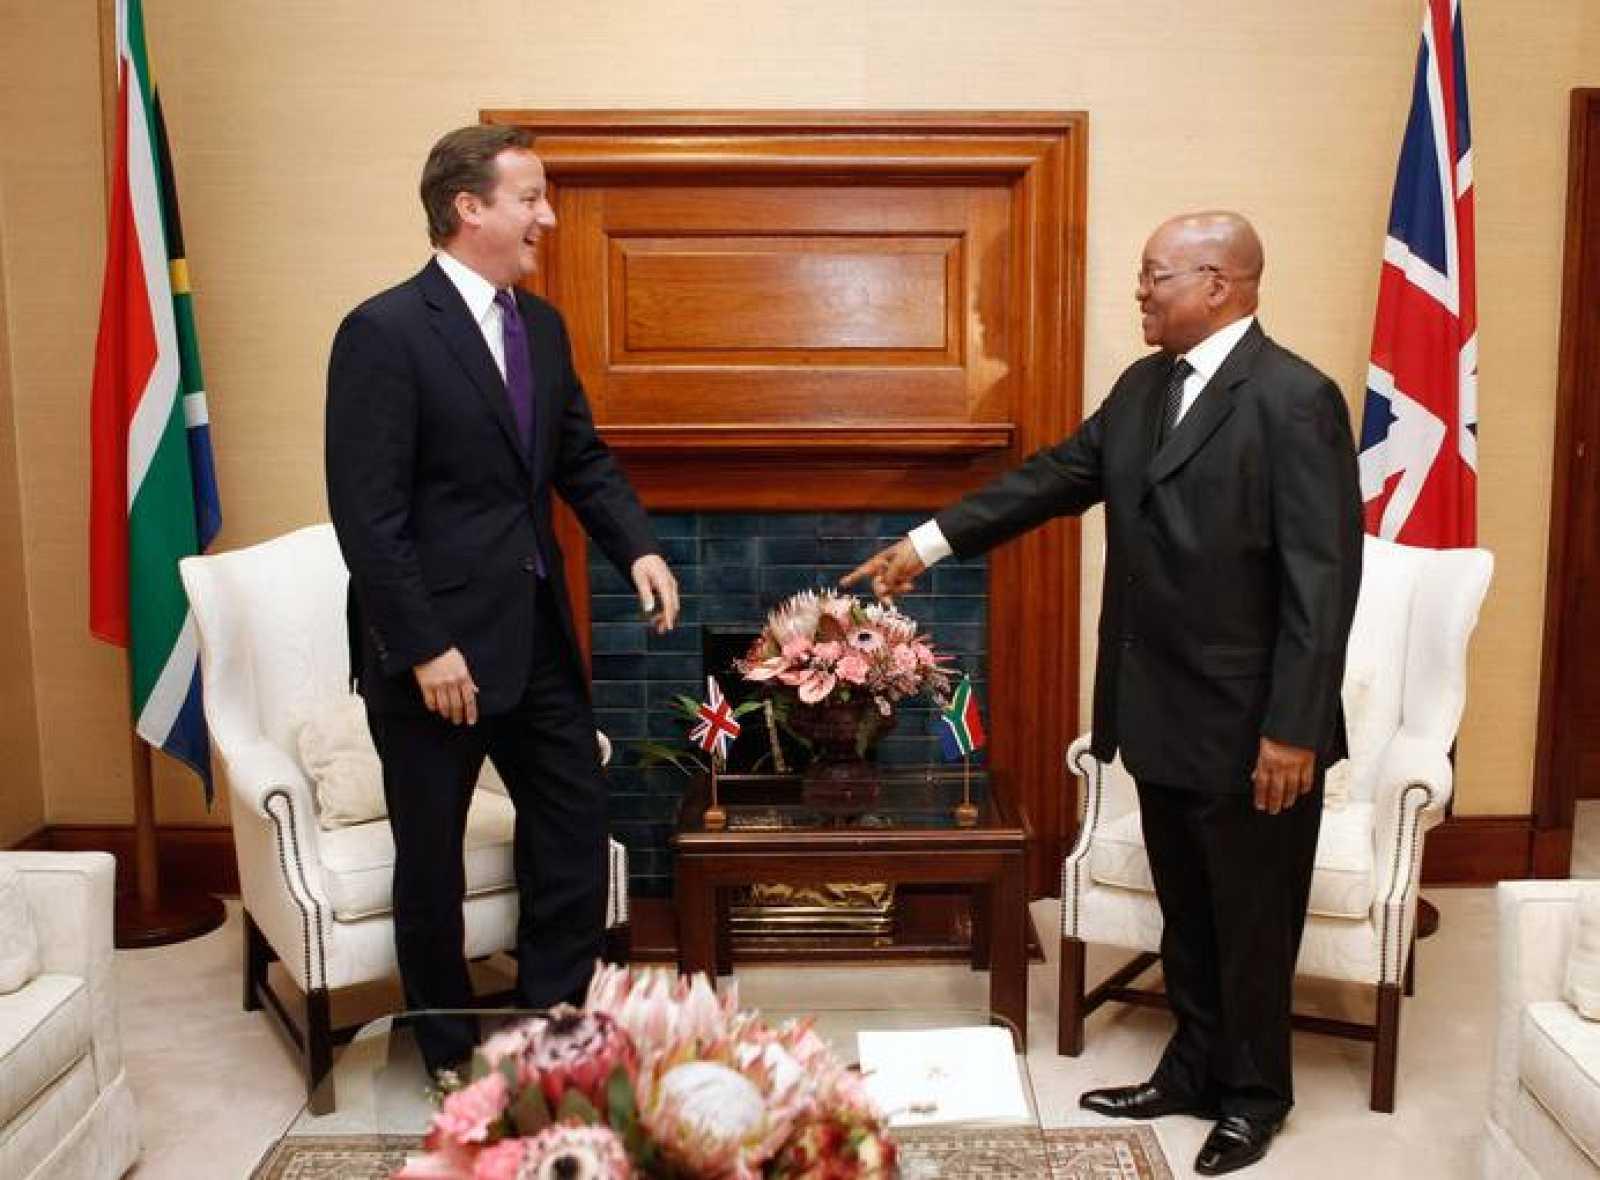 El primer ministro británico, David Cameron, junto al presidente de Sudáfrica, Jacob Zuma, este lunes en Pretoria